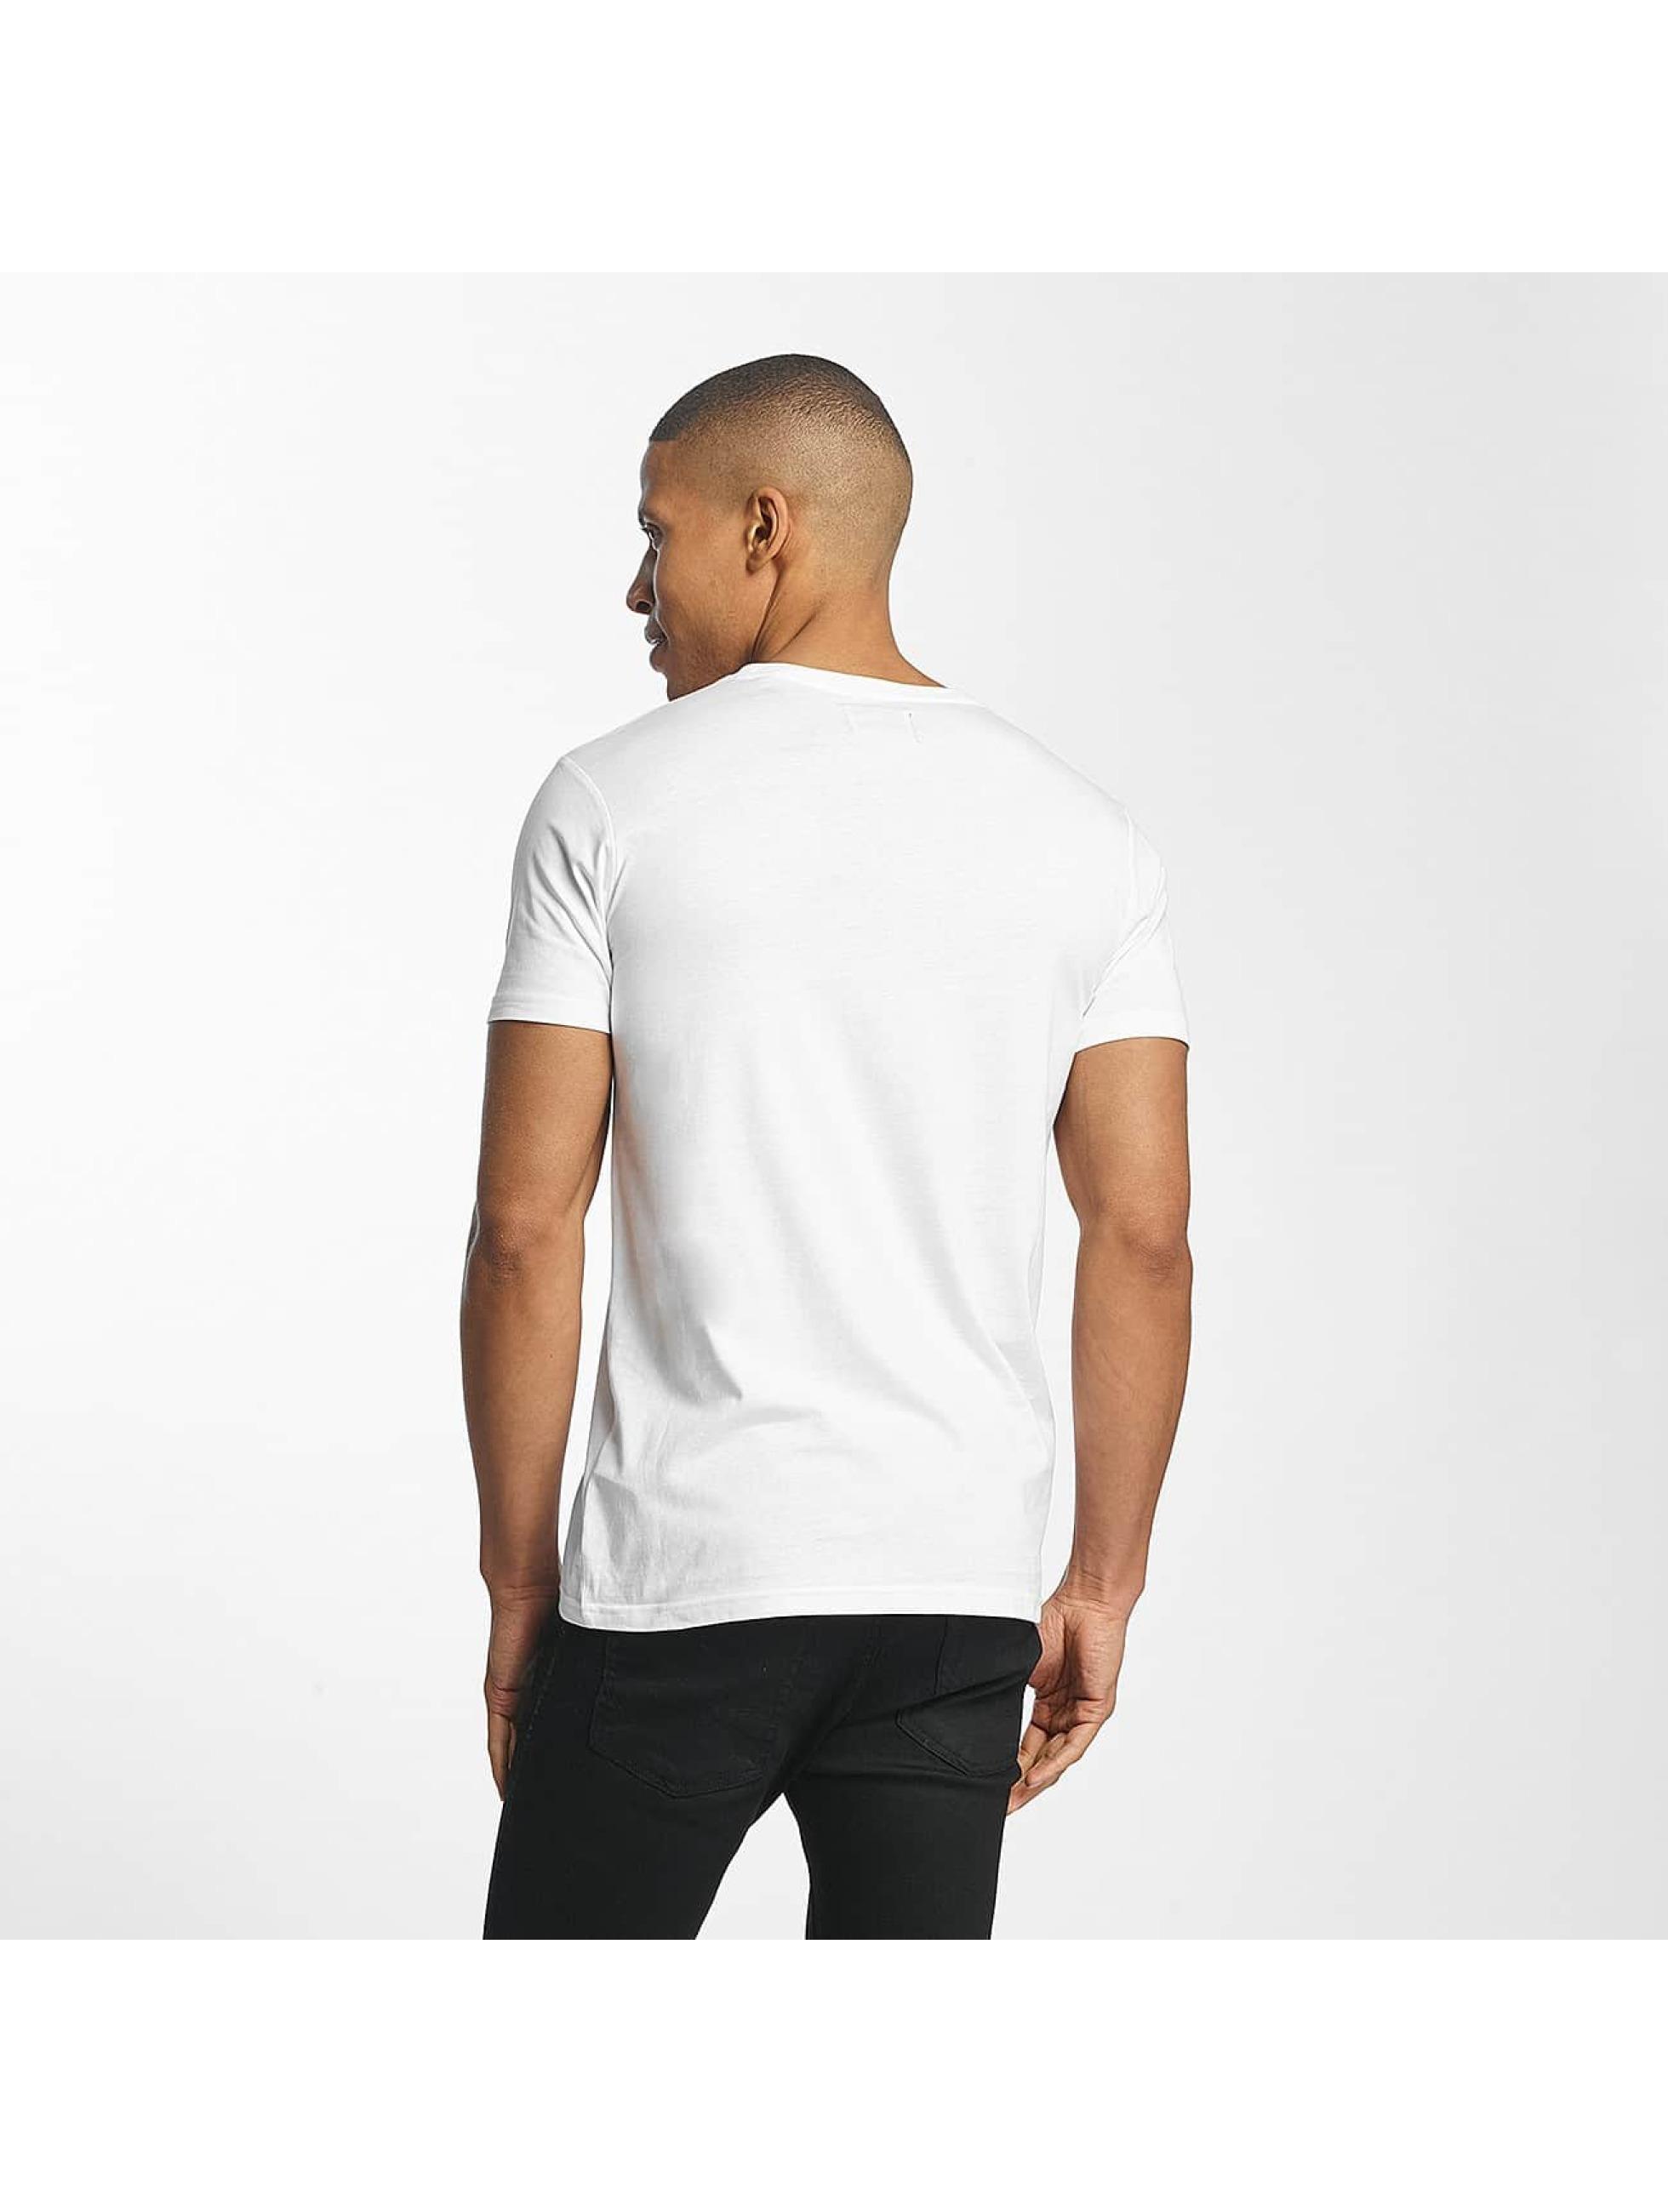 SHINE Original T-Shirt Barret Photo Print white